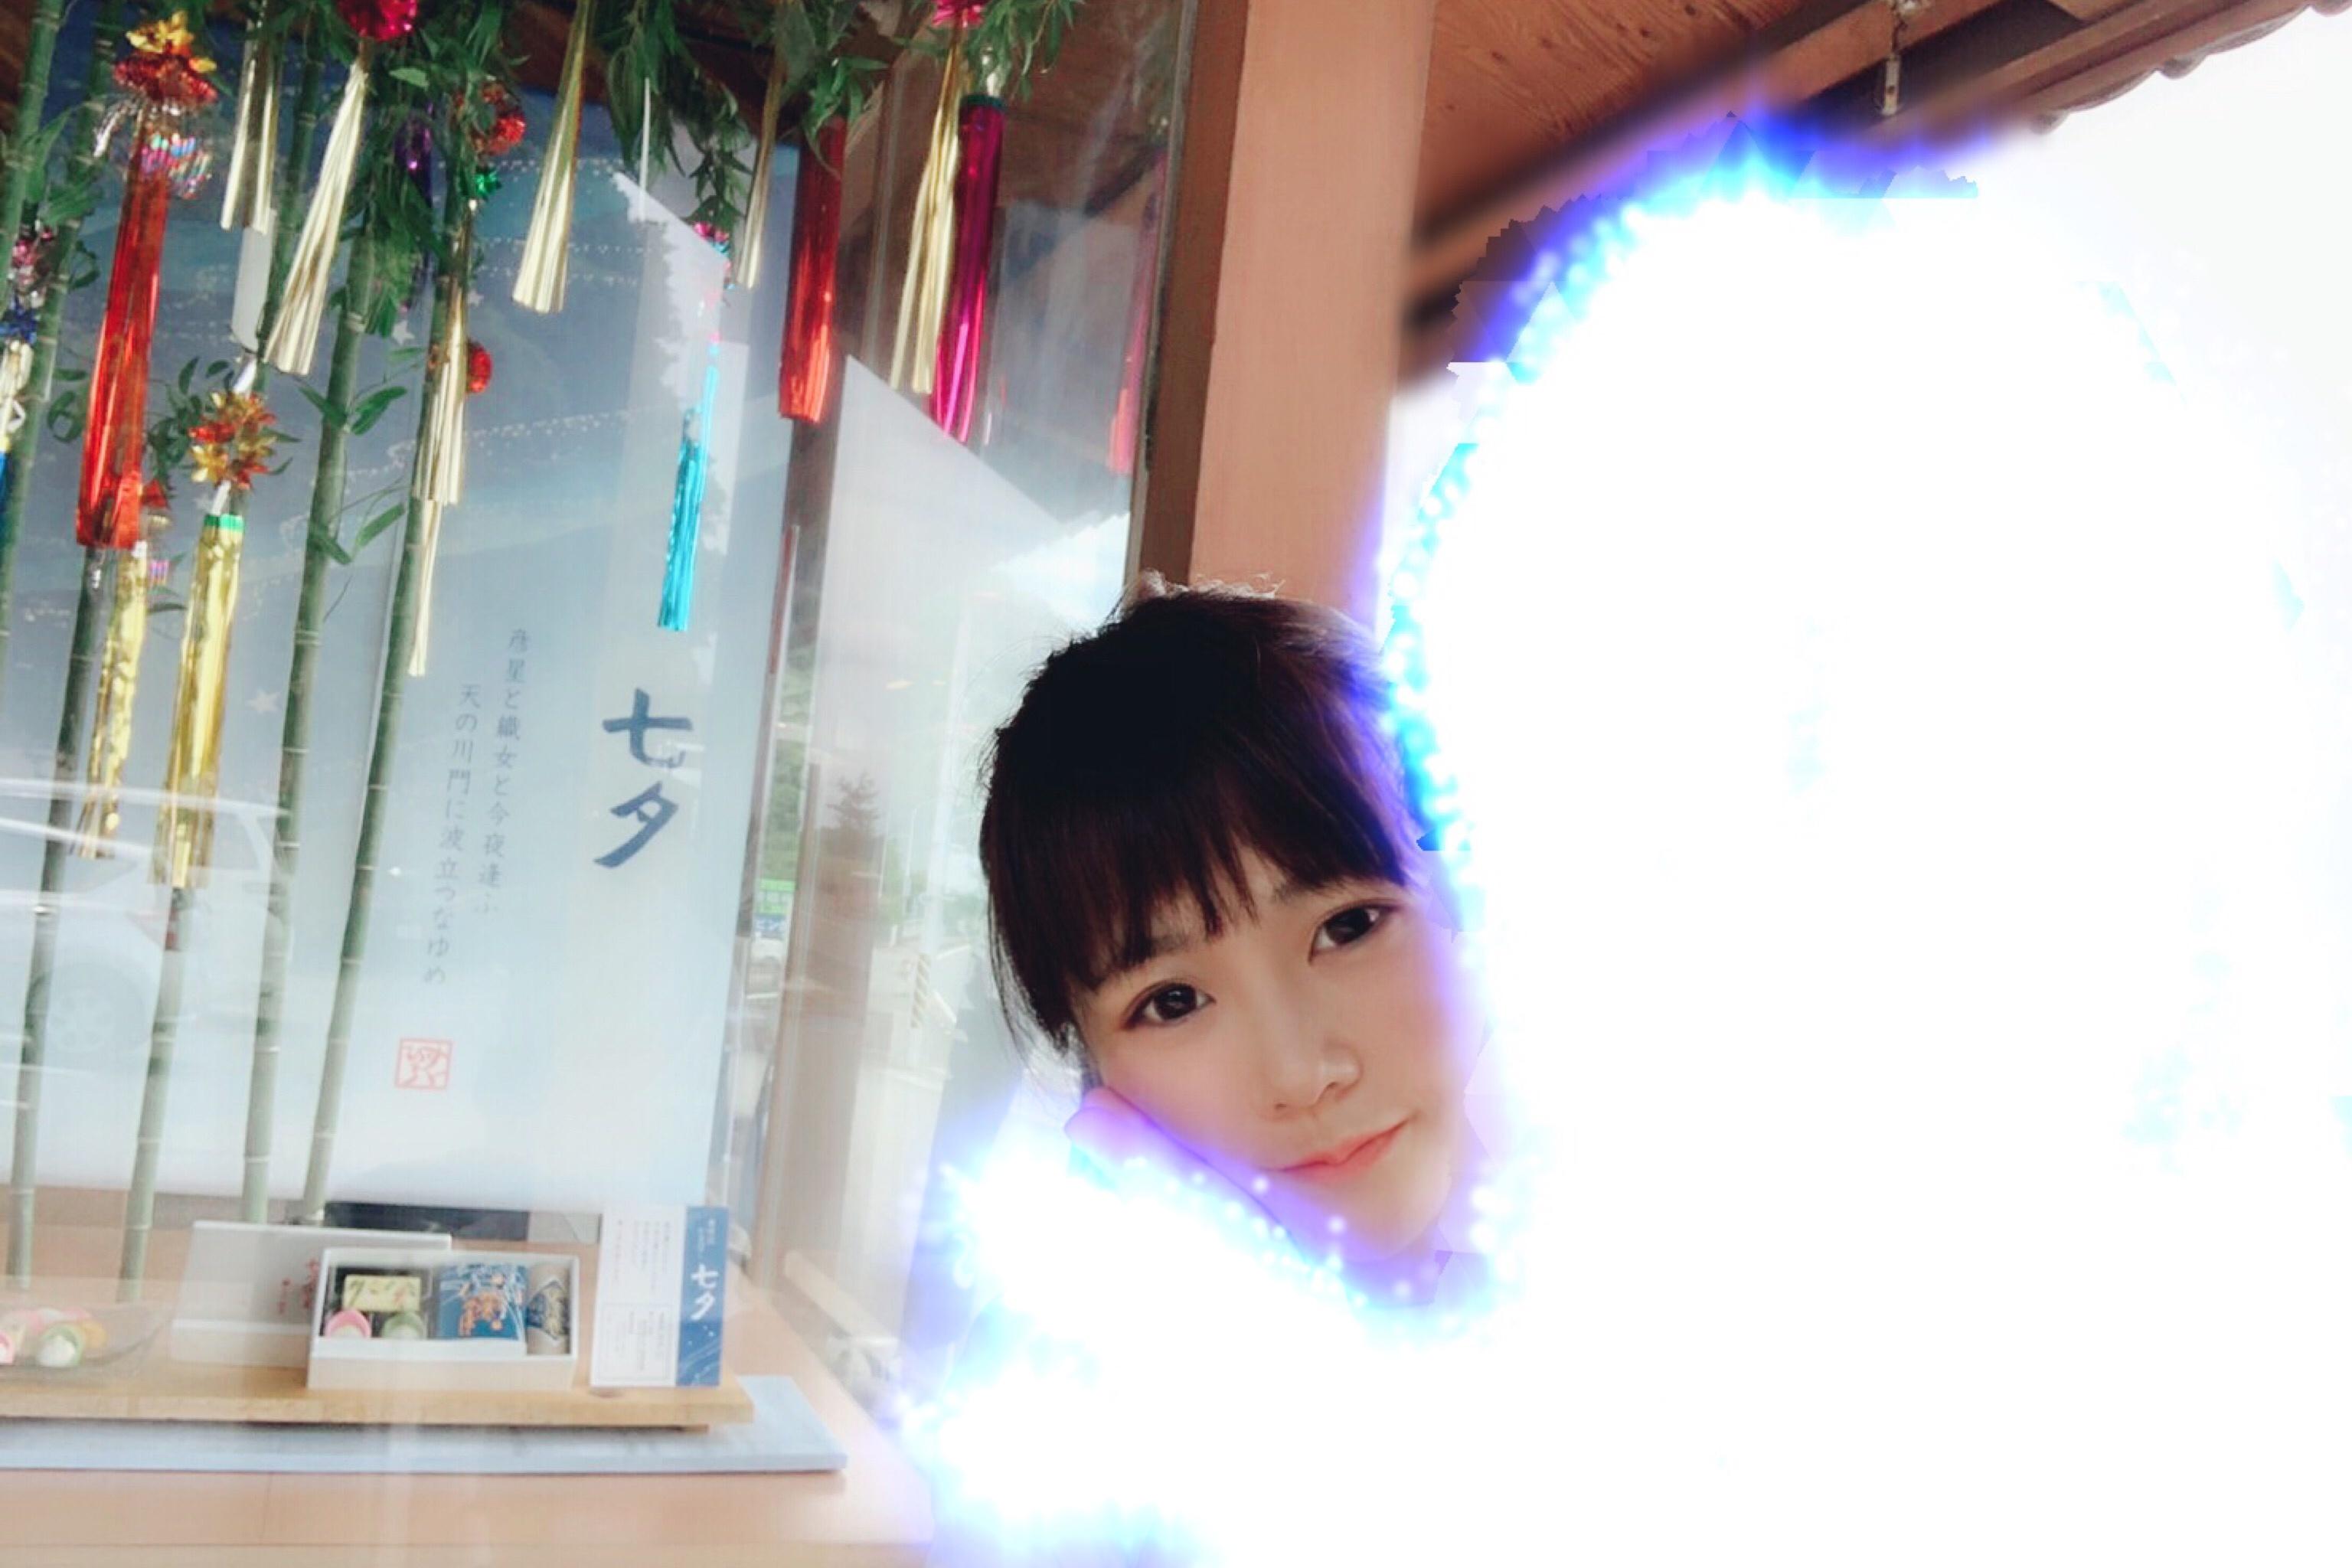 人妻さん日誌:こんばんは☆<br /> 雨&ジメ